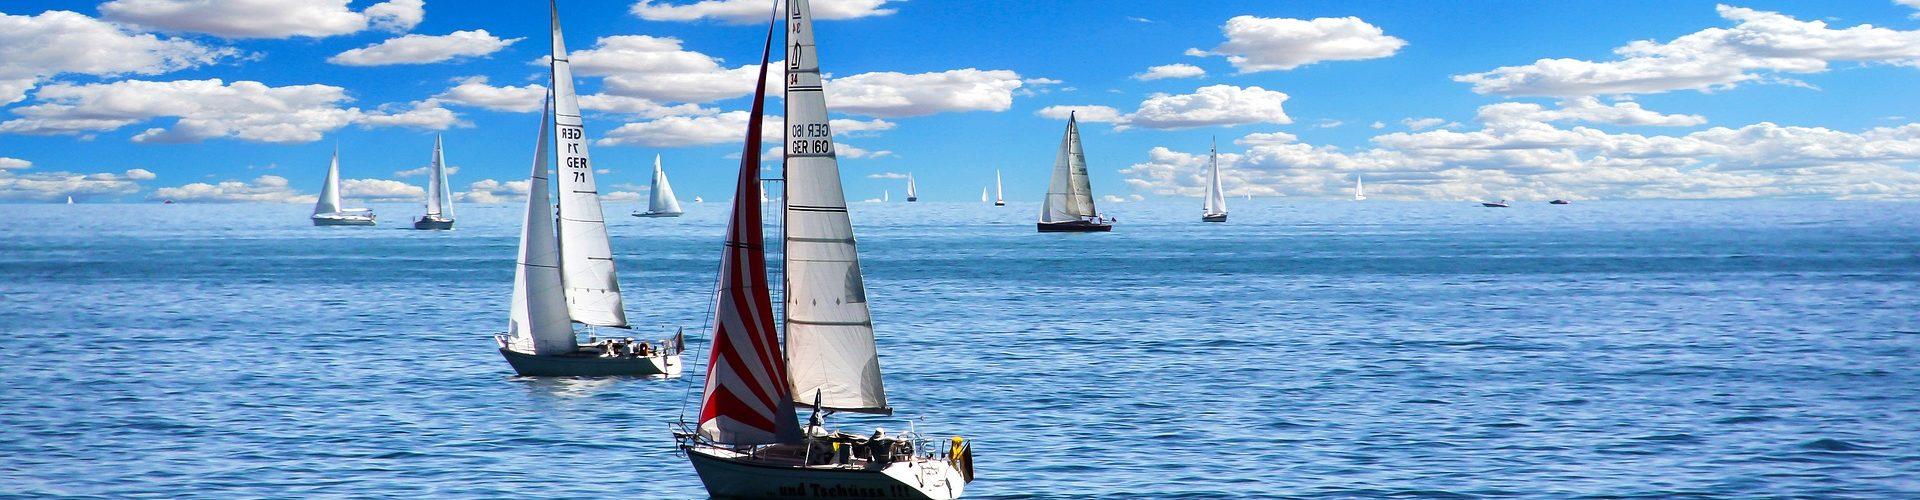 segeln lernen in Bad Kösen segelschein machen in Bad Kösen 1920x500 - Segeln lernen in Bad Kösen